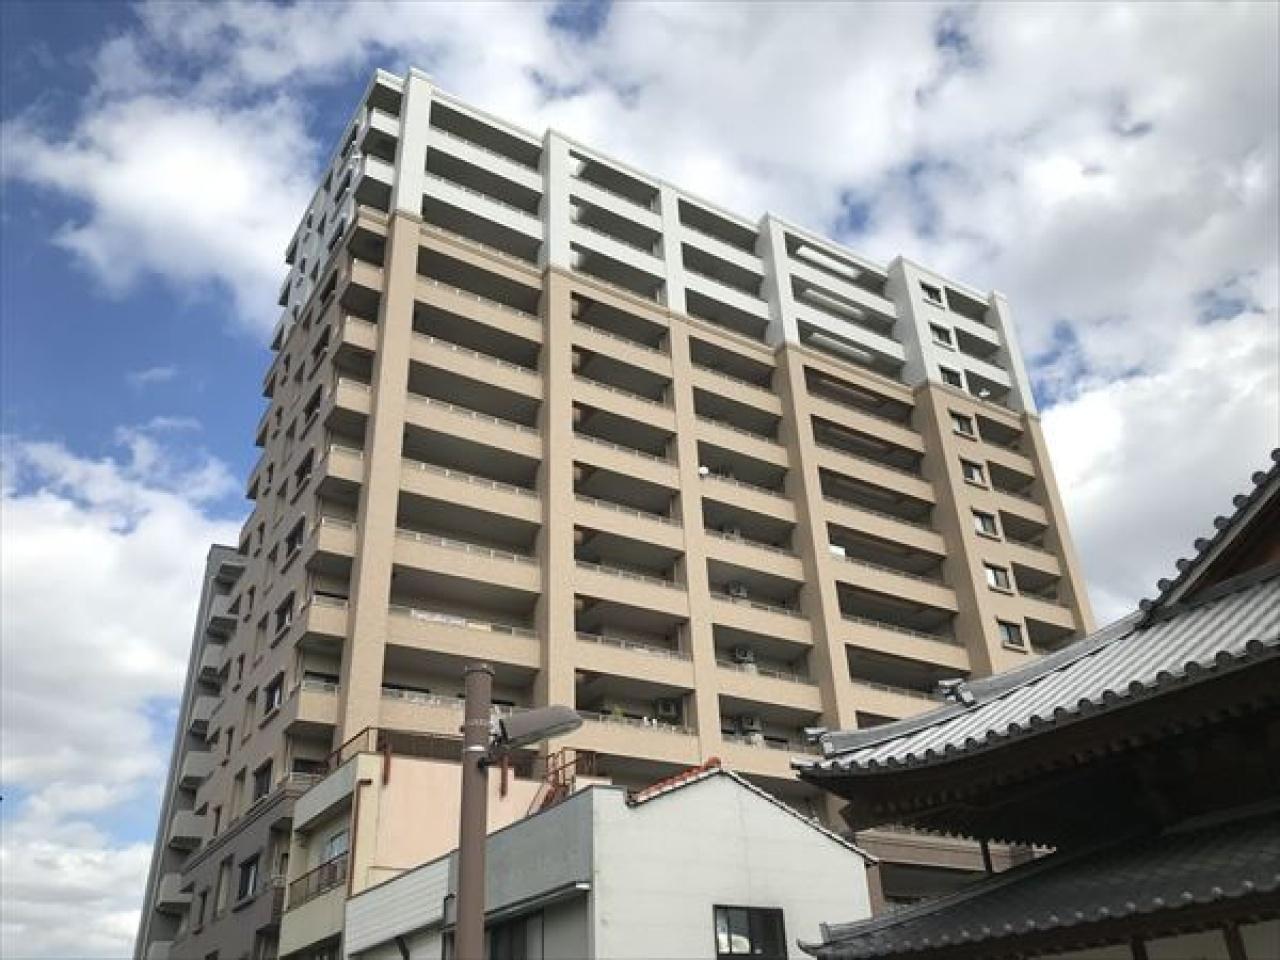 ケア 医師 会 センター 市 ヘルス 熊本